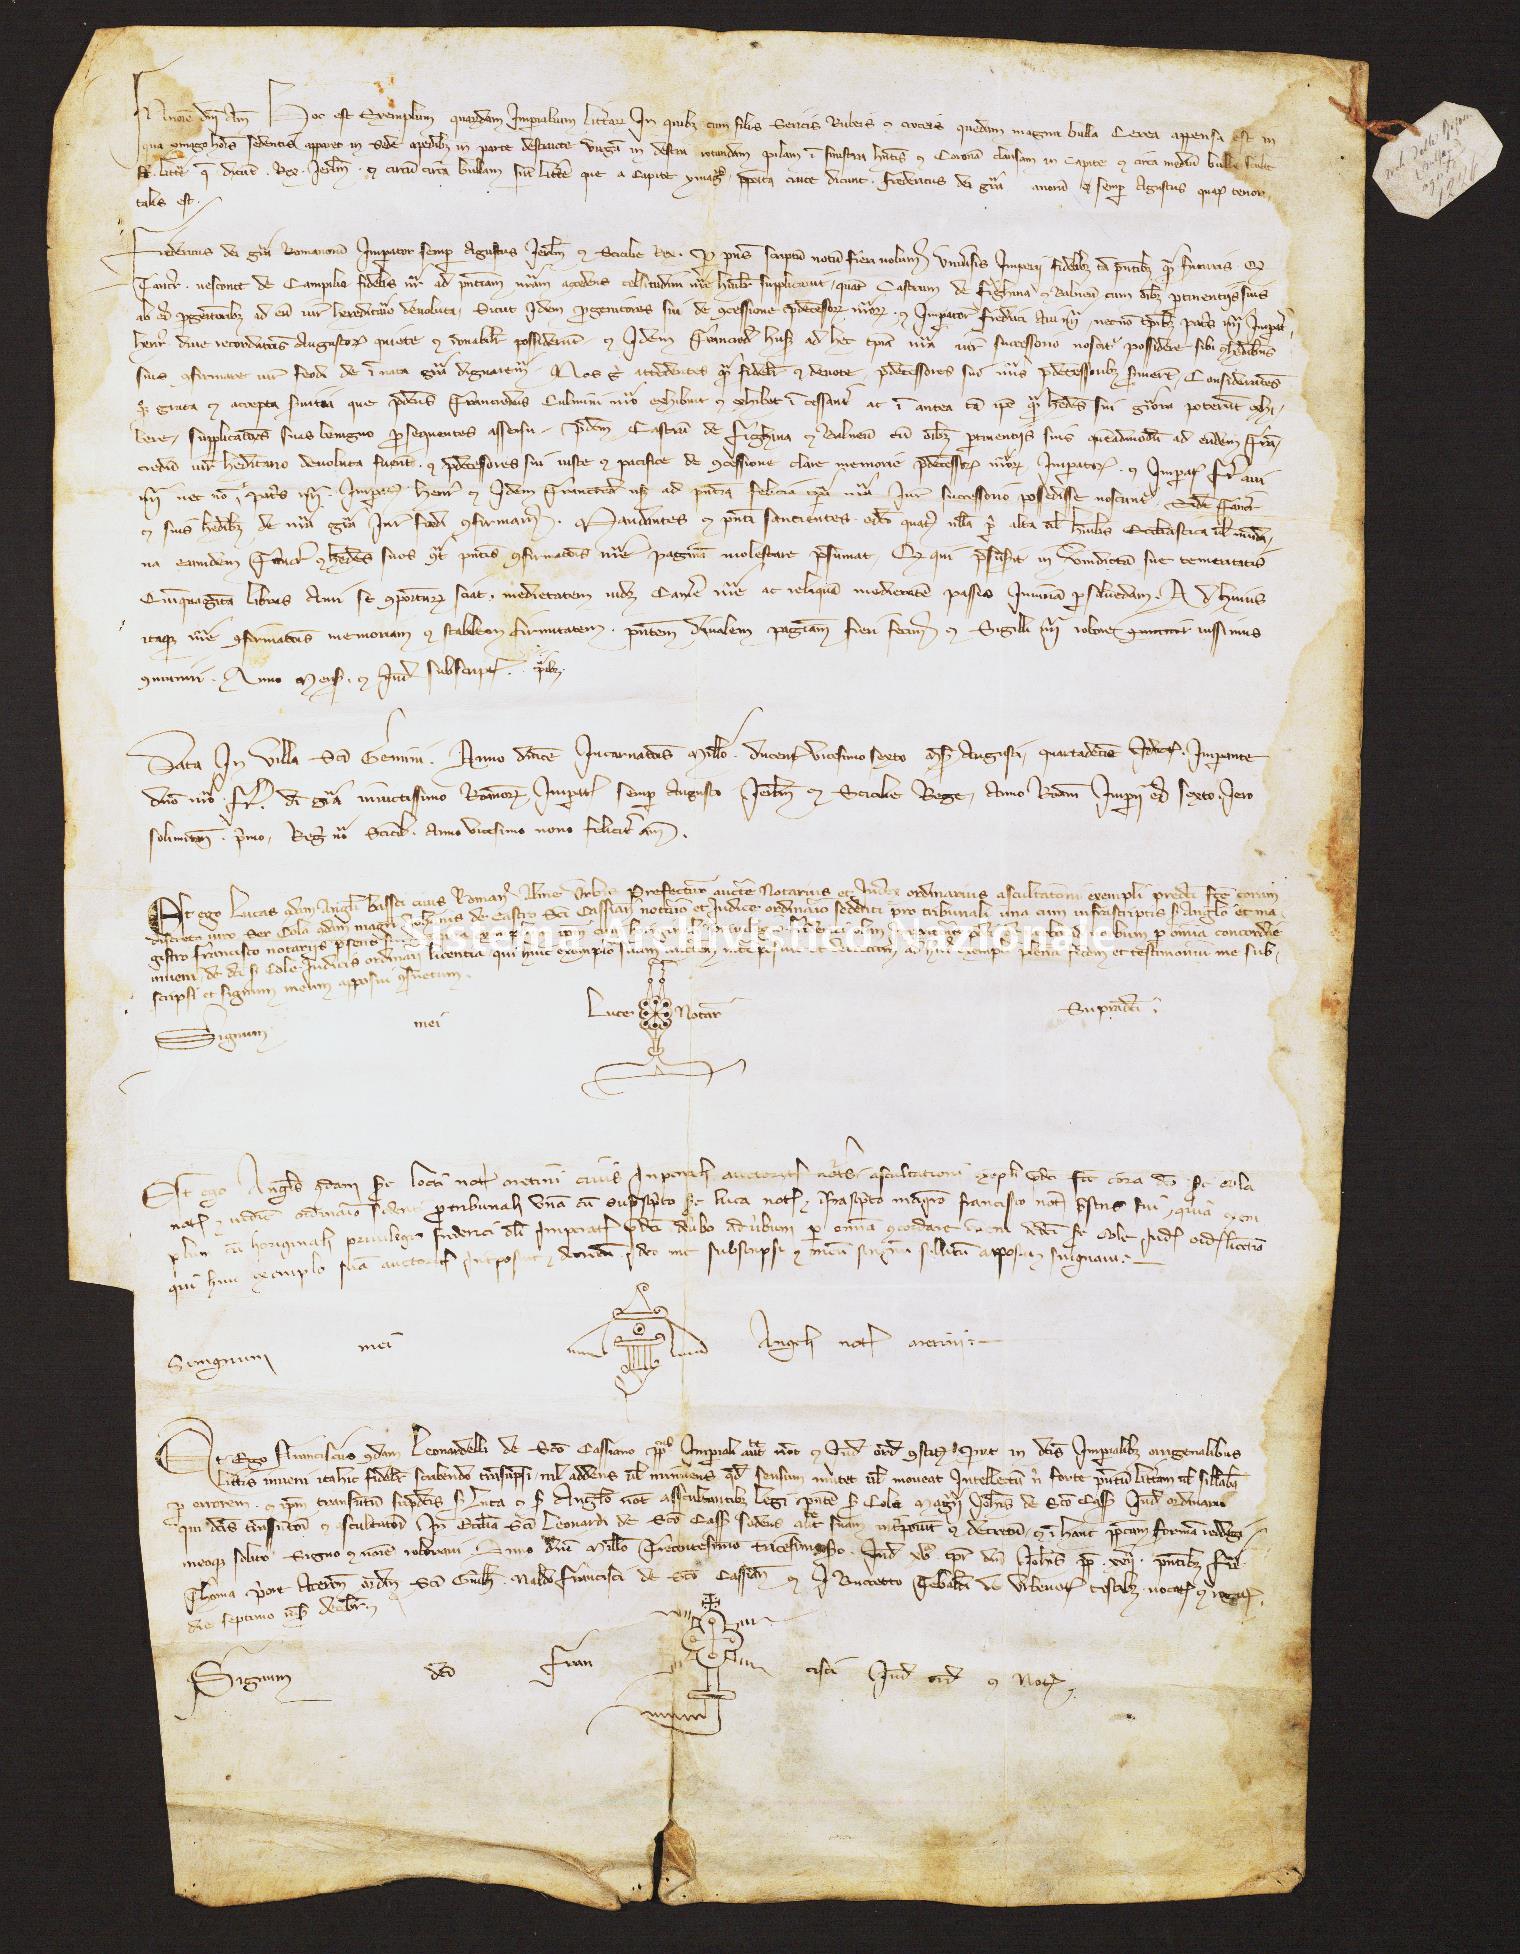 017. Archivio di Stato di SIENA, Diplomatico, Diplomatico Riformagioni Balzana, Pergamena 017 - 1226 agosto, casella 44